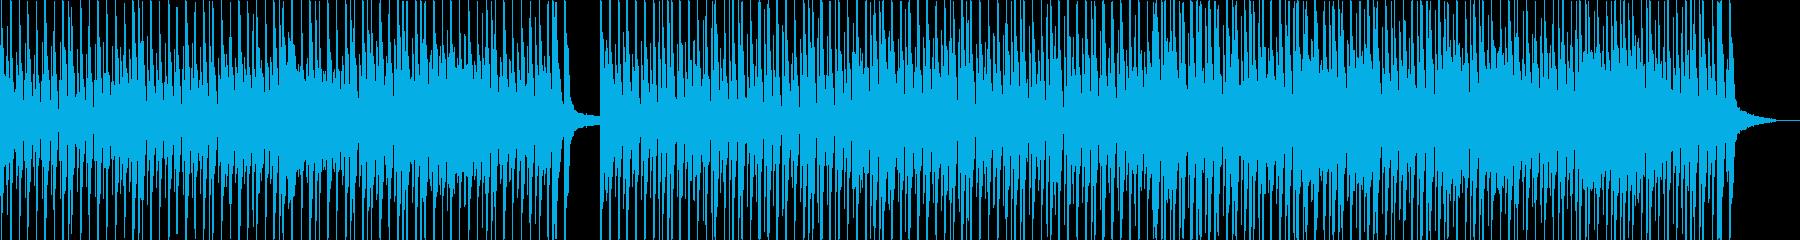 強い響きがかっこいいメロディーの再生済みの波形